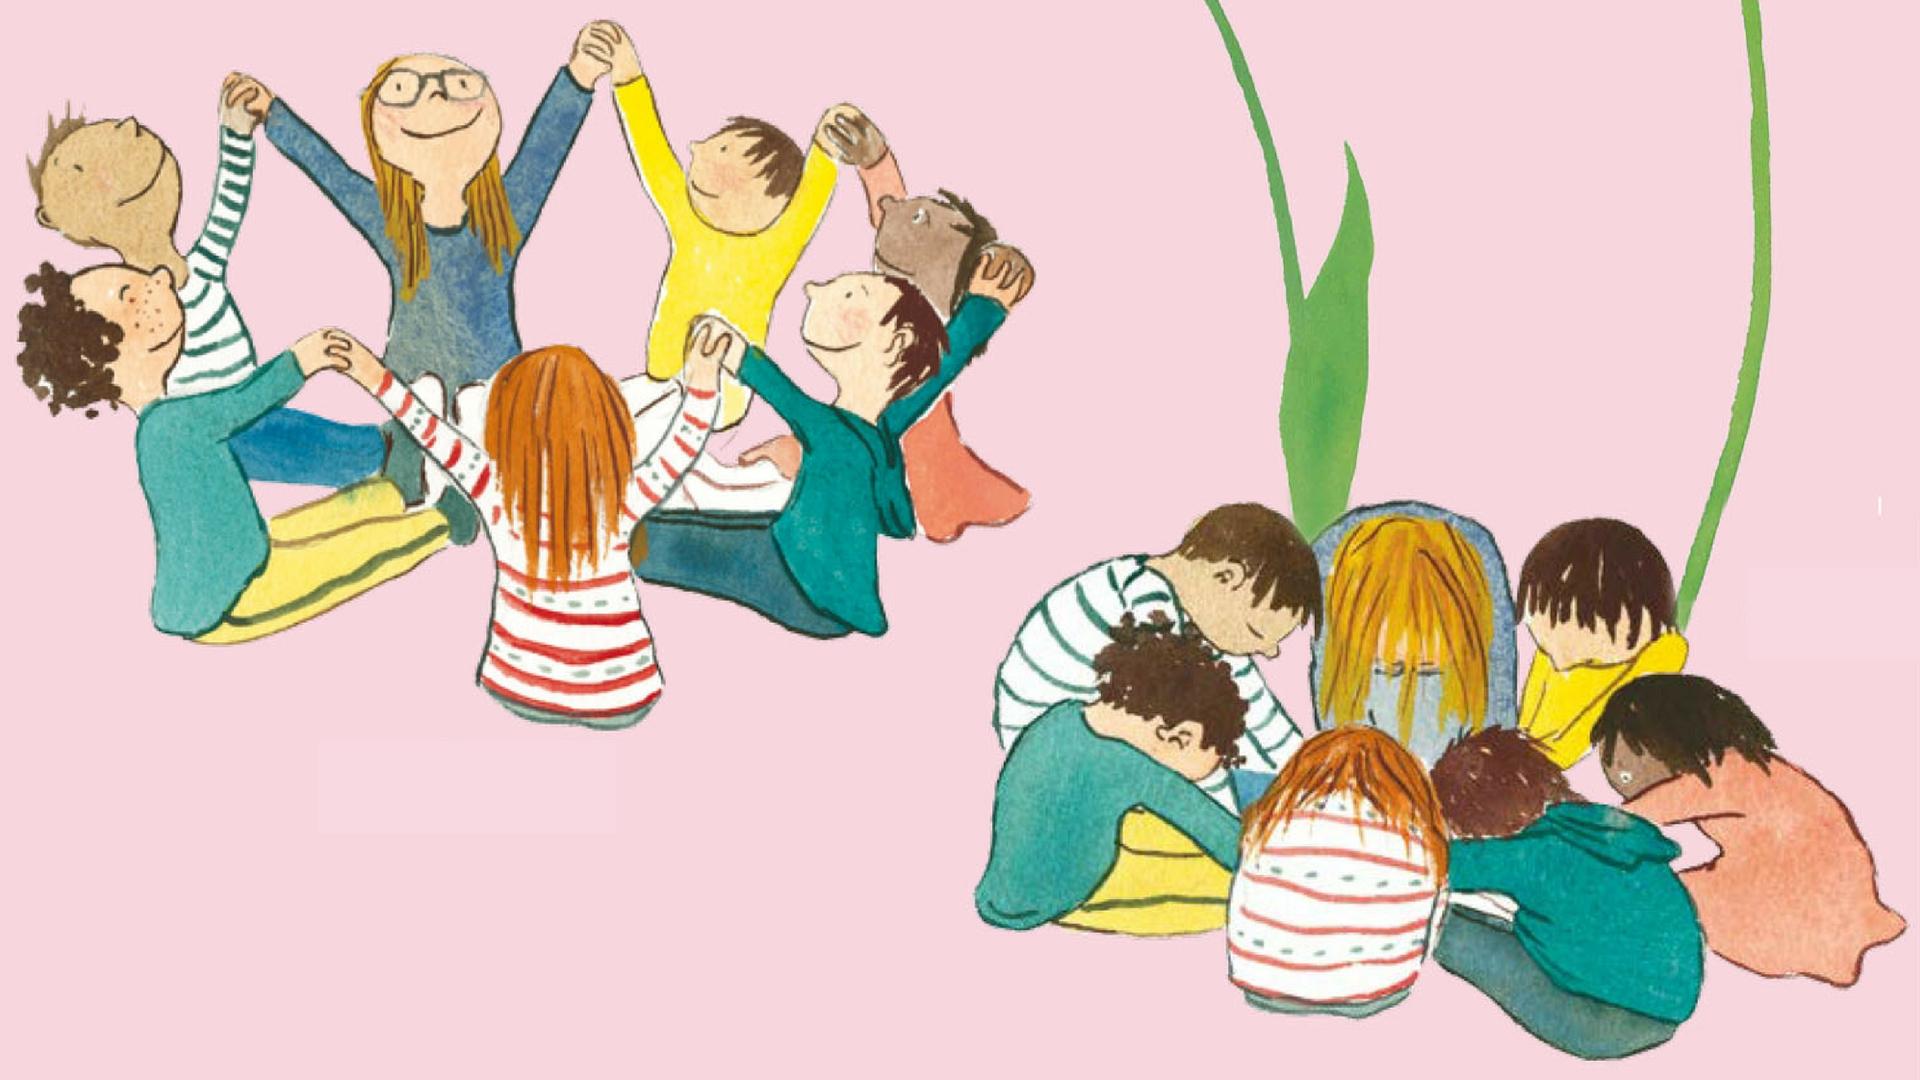 Yoga i undervisningen, hokus pokus filiyoga, lotte saline, yoga for børn, yoga til børn, yoga, børneremser